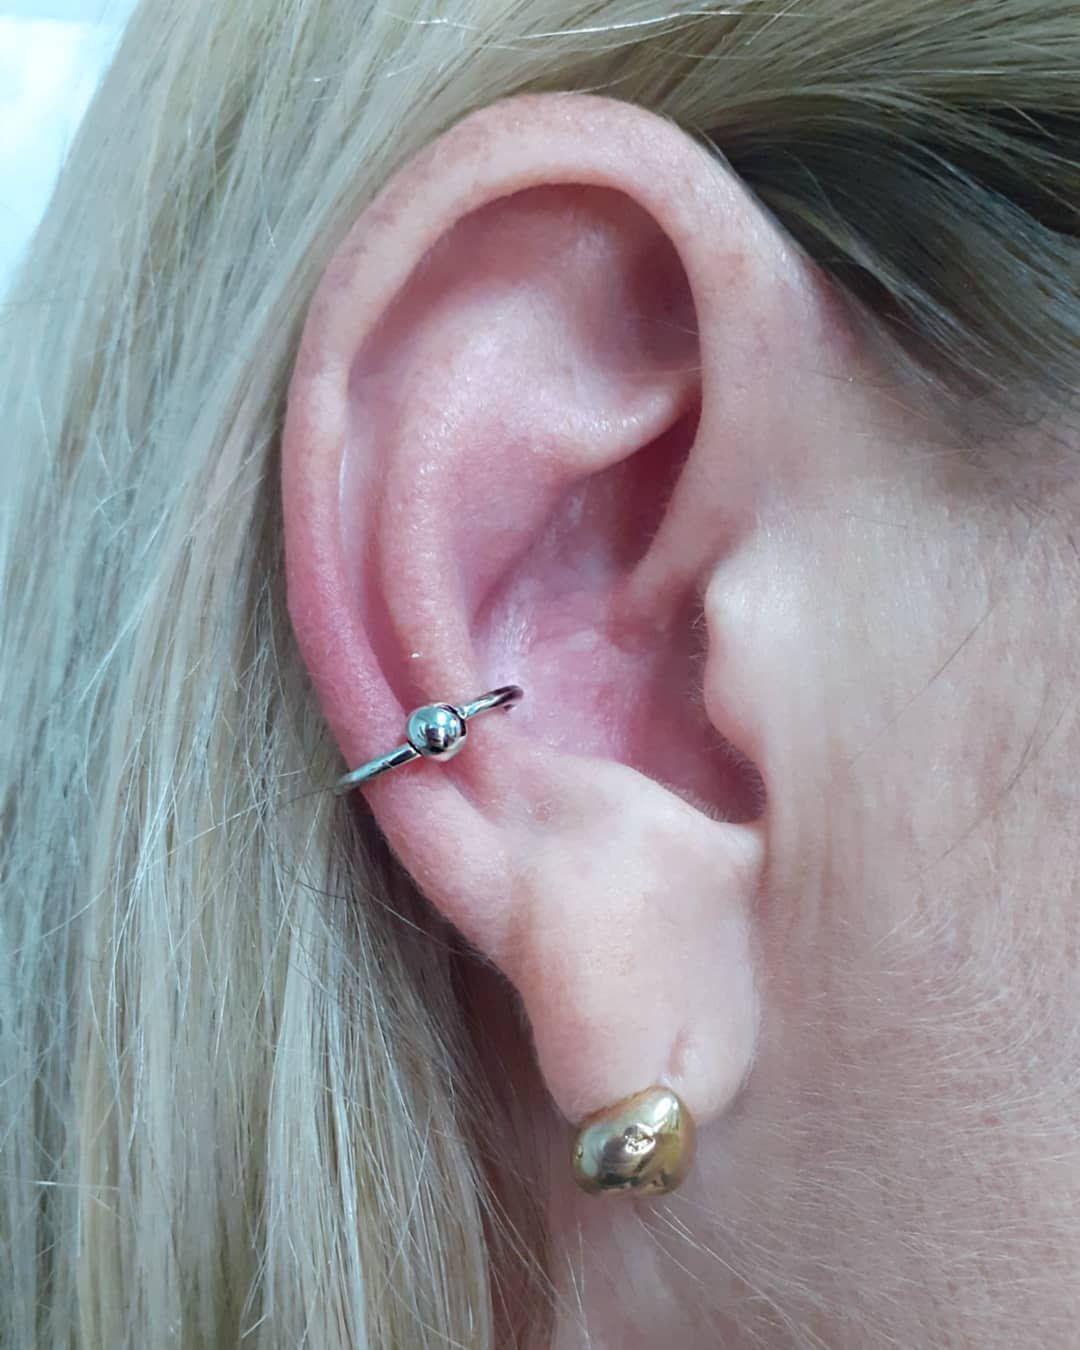 A ganhadora @lookbruna do nosso sorteio presenteou a mãe @renataguimaraesdebarros com a perfuração com jóia e a escolha foi muito bem feita! Lindo conch com jóia captive 12mm em aço cirúrgico ♥️ . . . . . . . . . . . . . . #piercing #piercings #tattoo #piercinggoiania #tatuador #tatuagens #tatuagensfemininas #tatuagensmasculinas #tatuagensdelicadas #modagoiania #goiania #tattooing #tattooed #tattoostyle #tattoo2me #tattooer #tattoodo #piercingaddict #piercingstudio #piercinglove #piercingsofinst